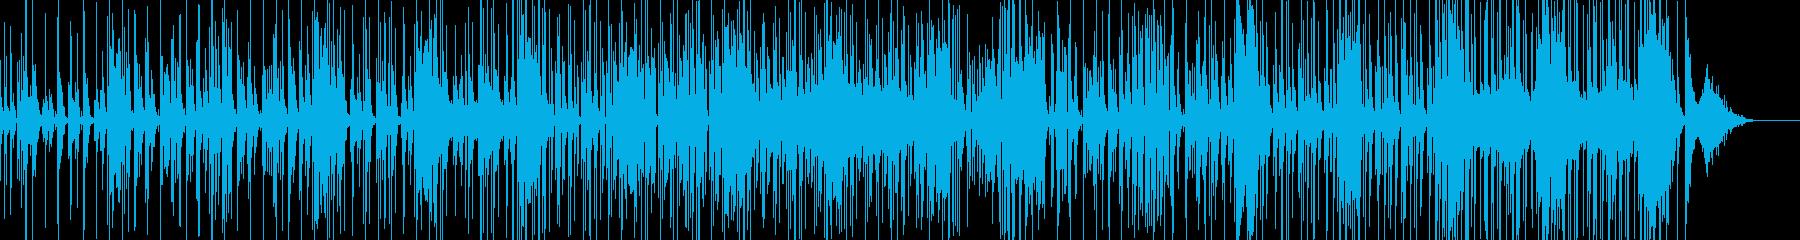 チープで軽いコメディタッチのBGMの再生済みの波形